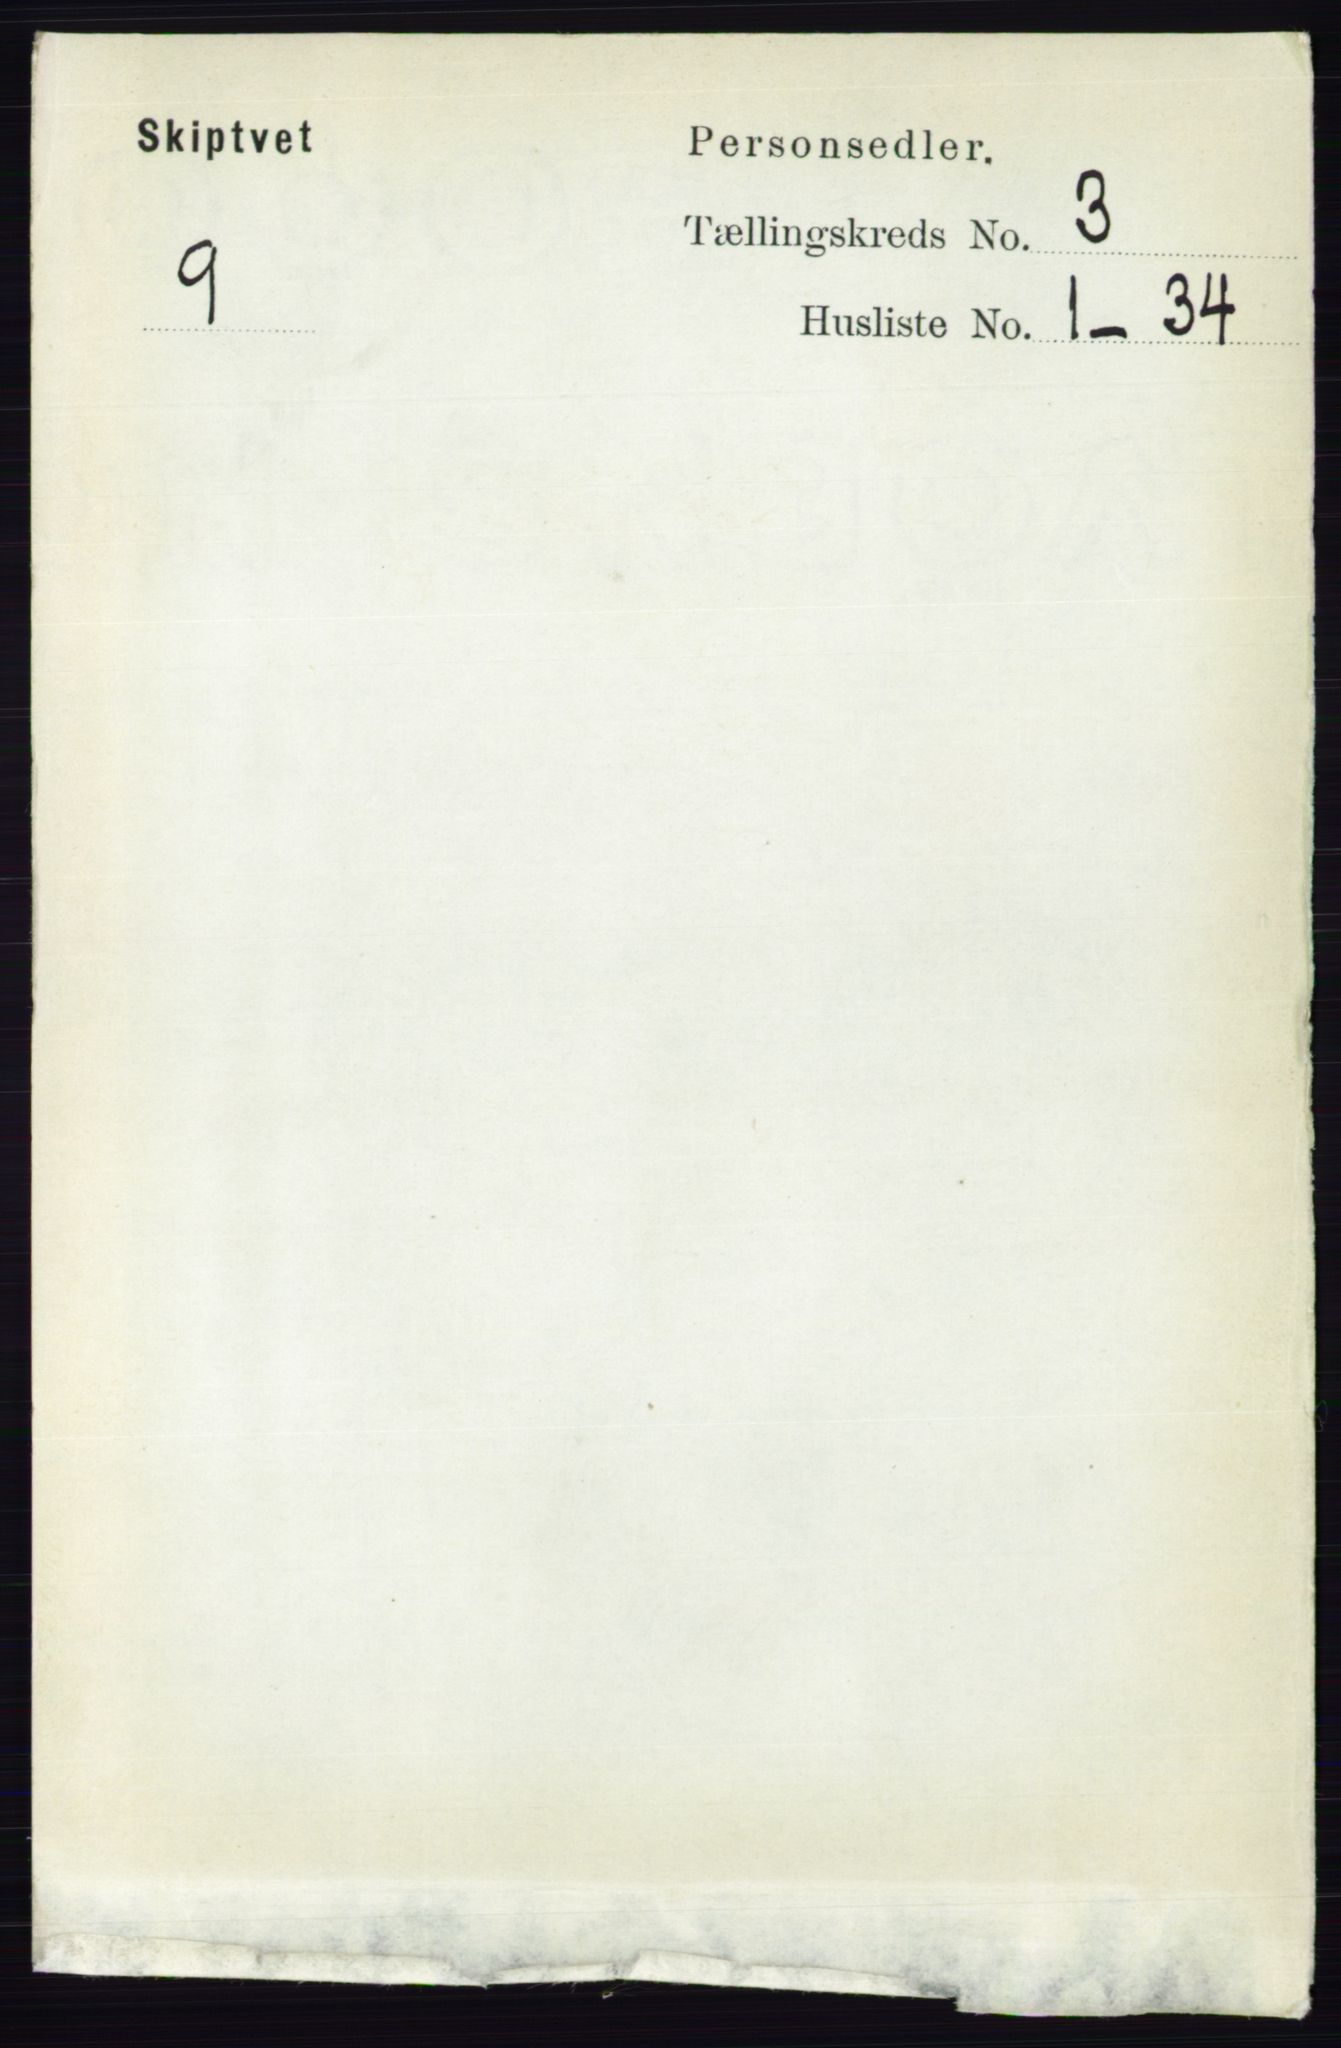 RA, Folketelling 1891 for 0127 Skiptvet herred, 1891, s. 1232